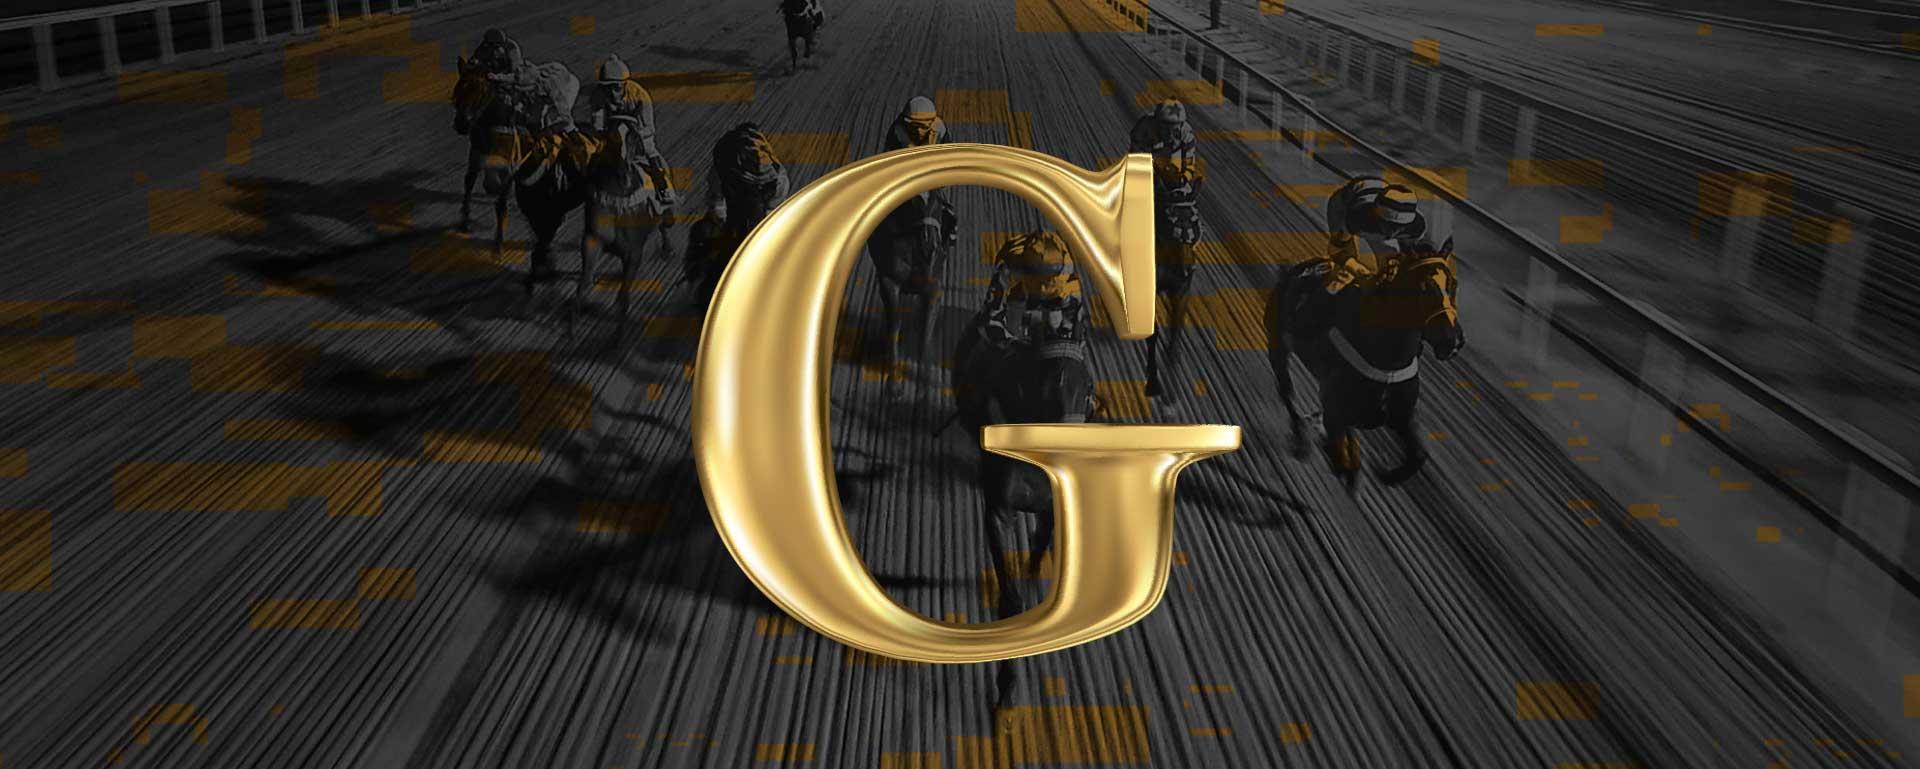 Golden Race – wirtualne wyścigi konne